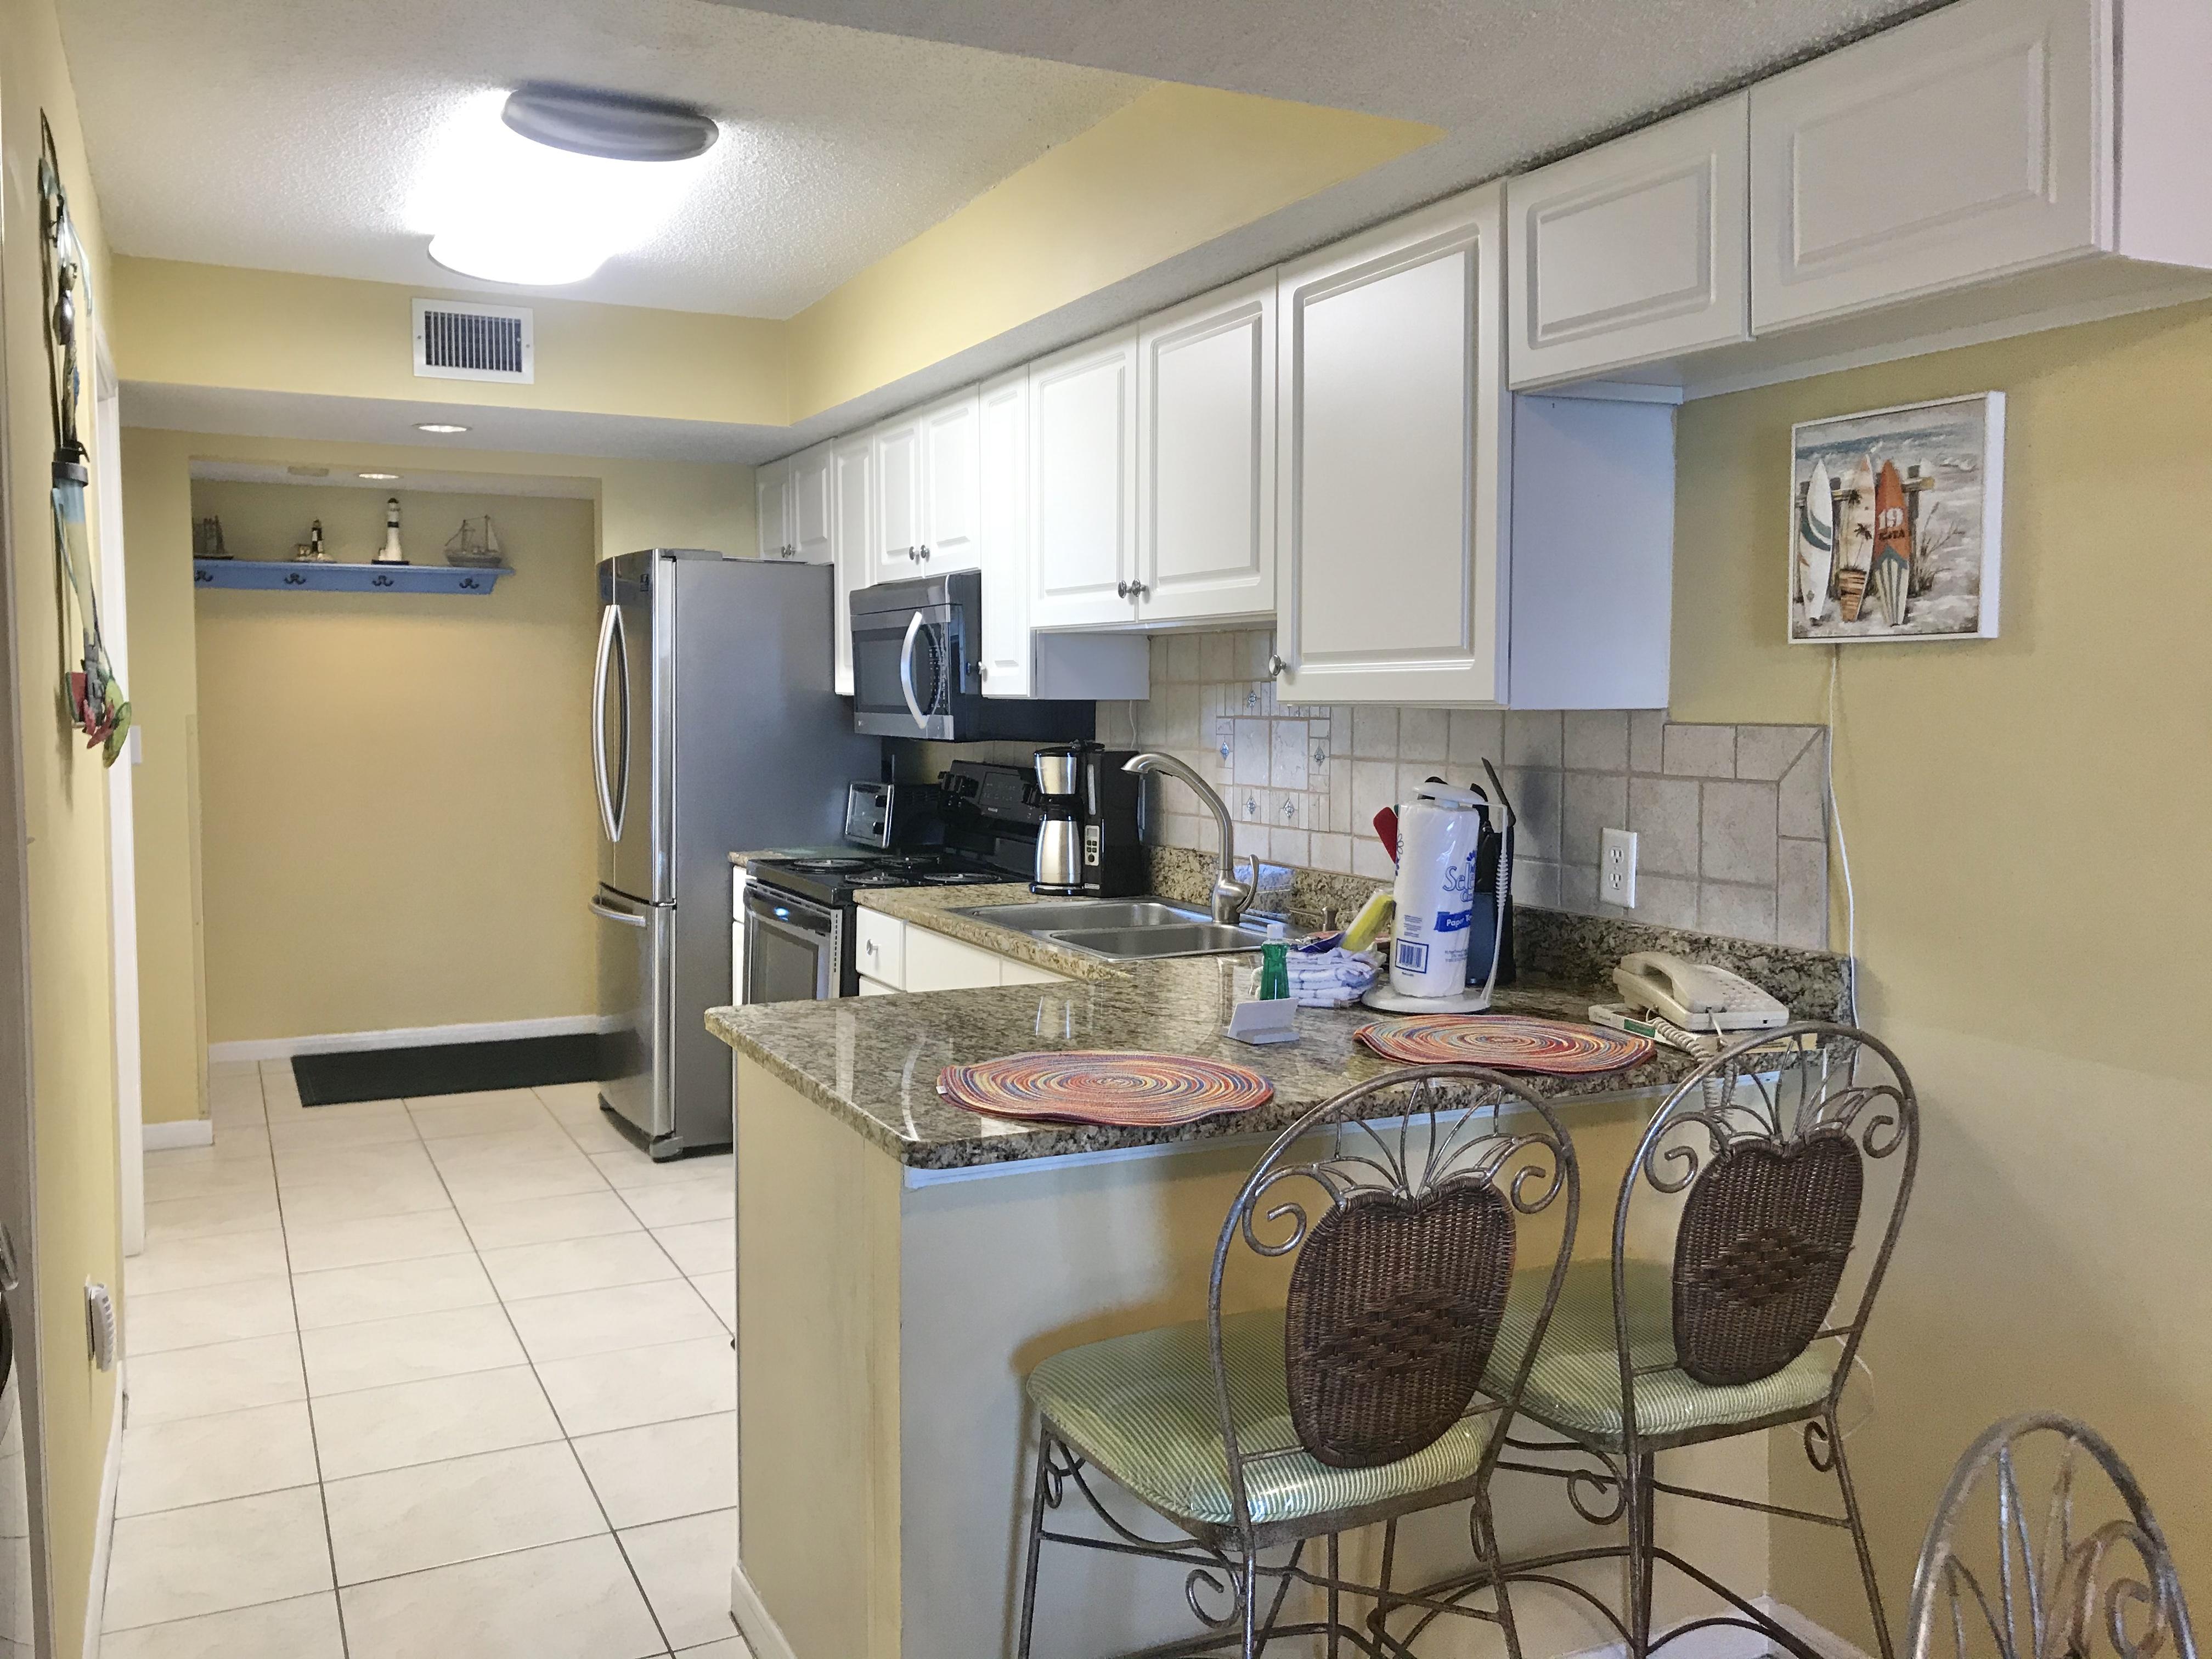 Ocean House 1706 Condo rental in Ocean House - Gulf Shores in Gulf Shores Alabama - #12